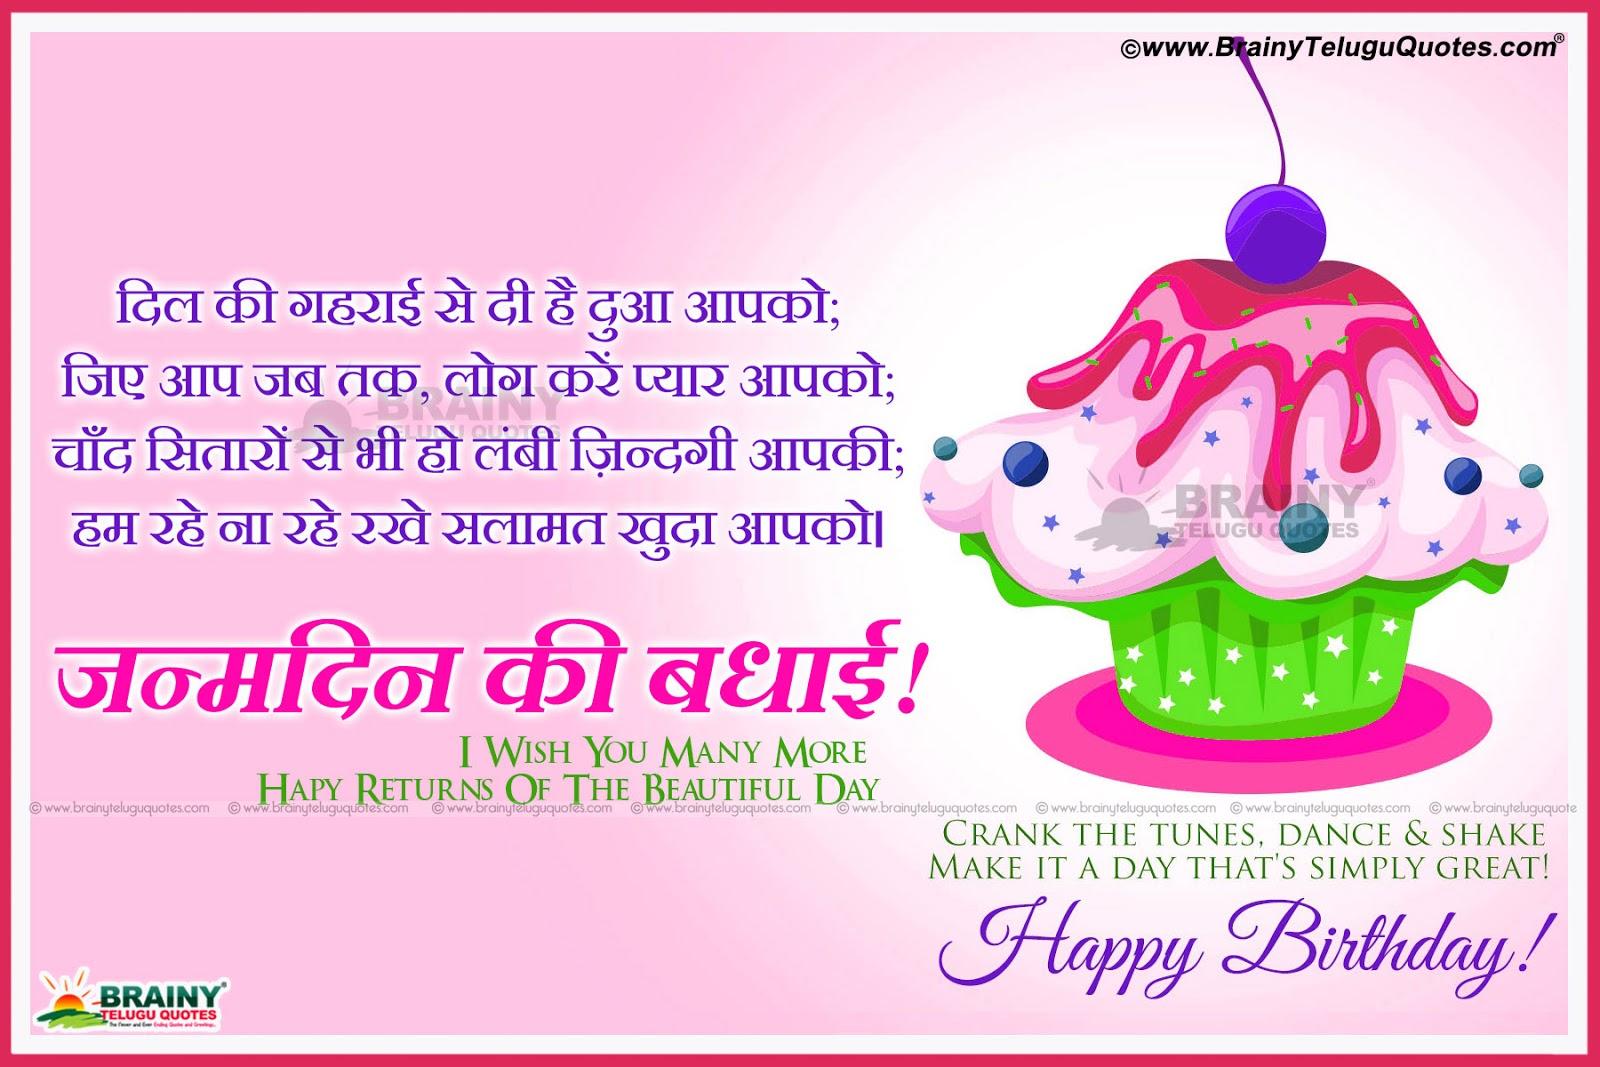 Vinayaka Chavithi Hd Wallpapers Latest Hindi Happy Birthday Shayari And Quotes Greetings